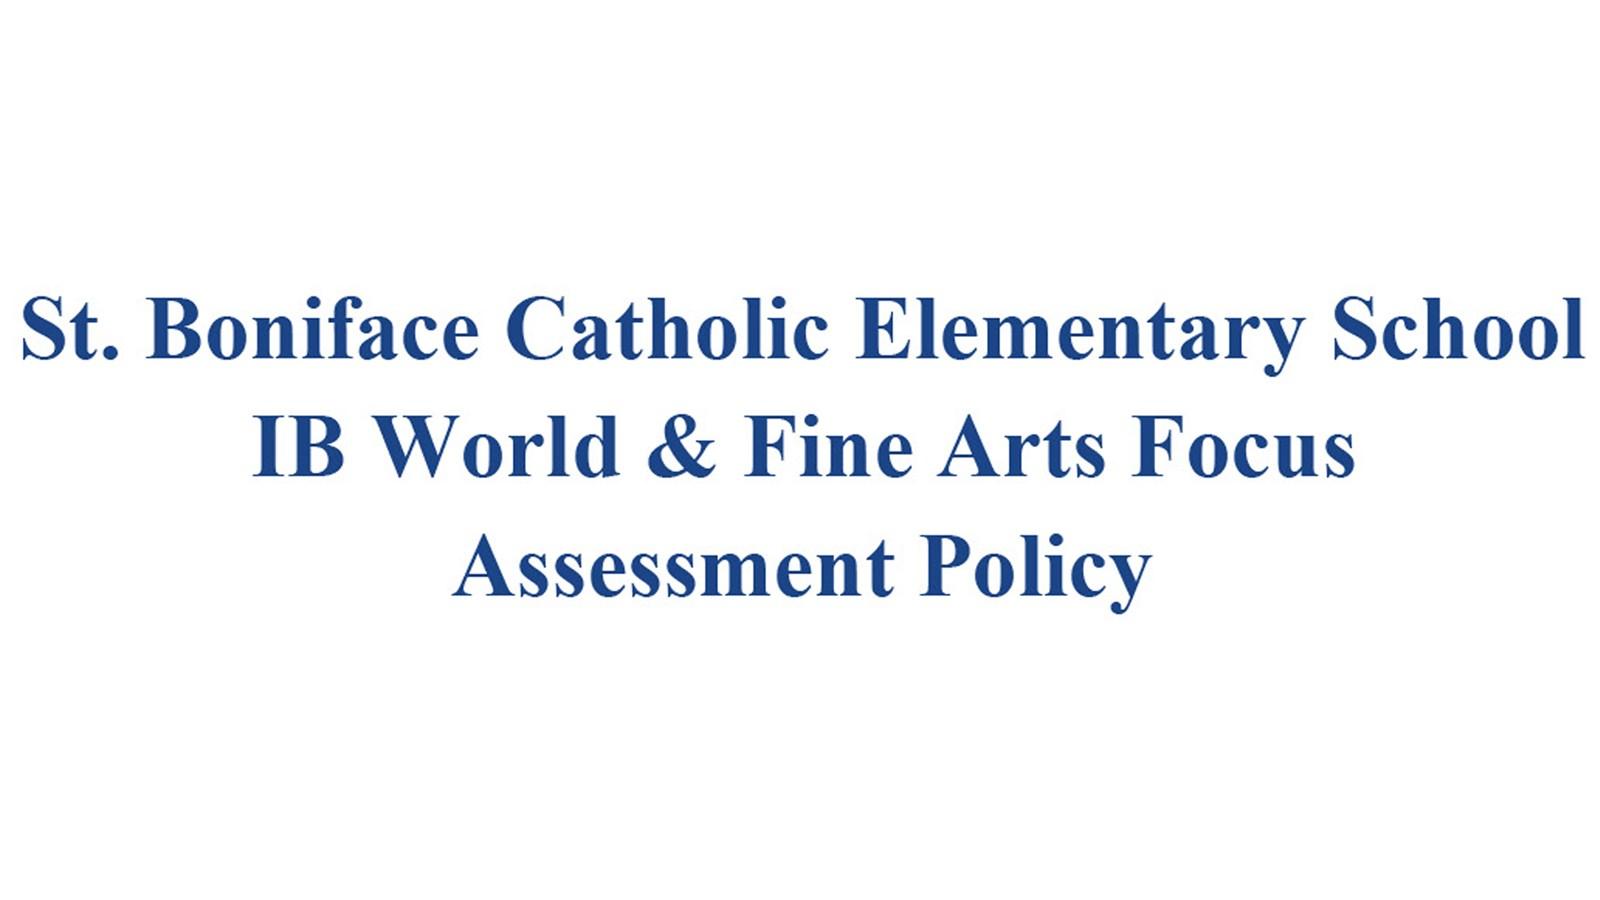 St. Boniface Assessment Policy Banner.jpg